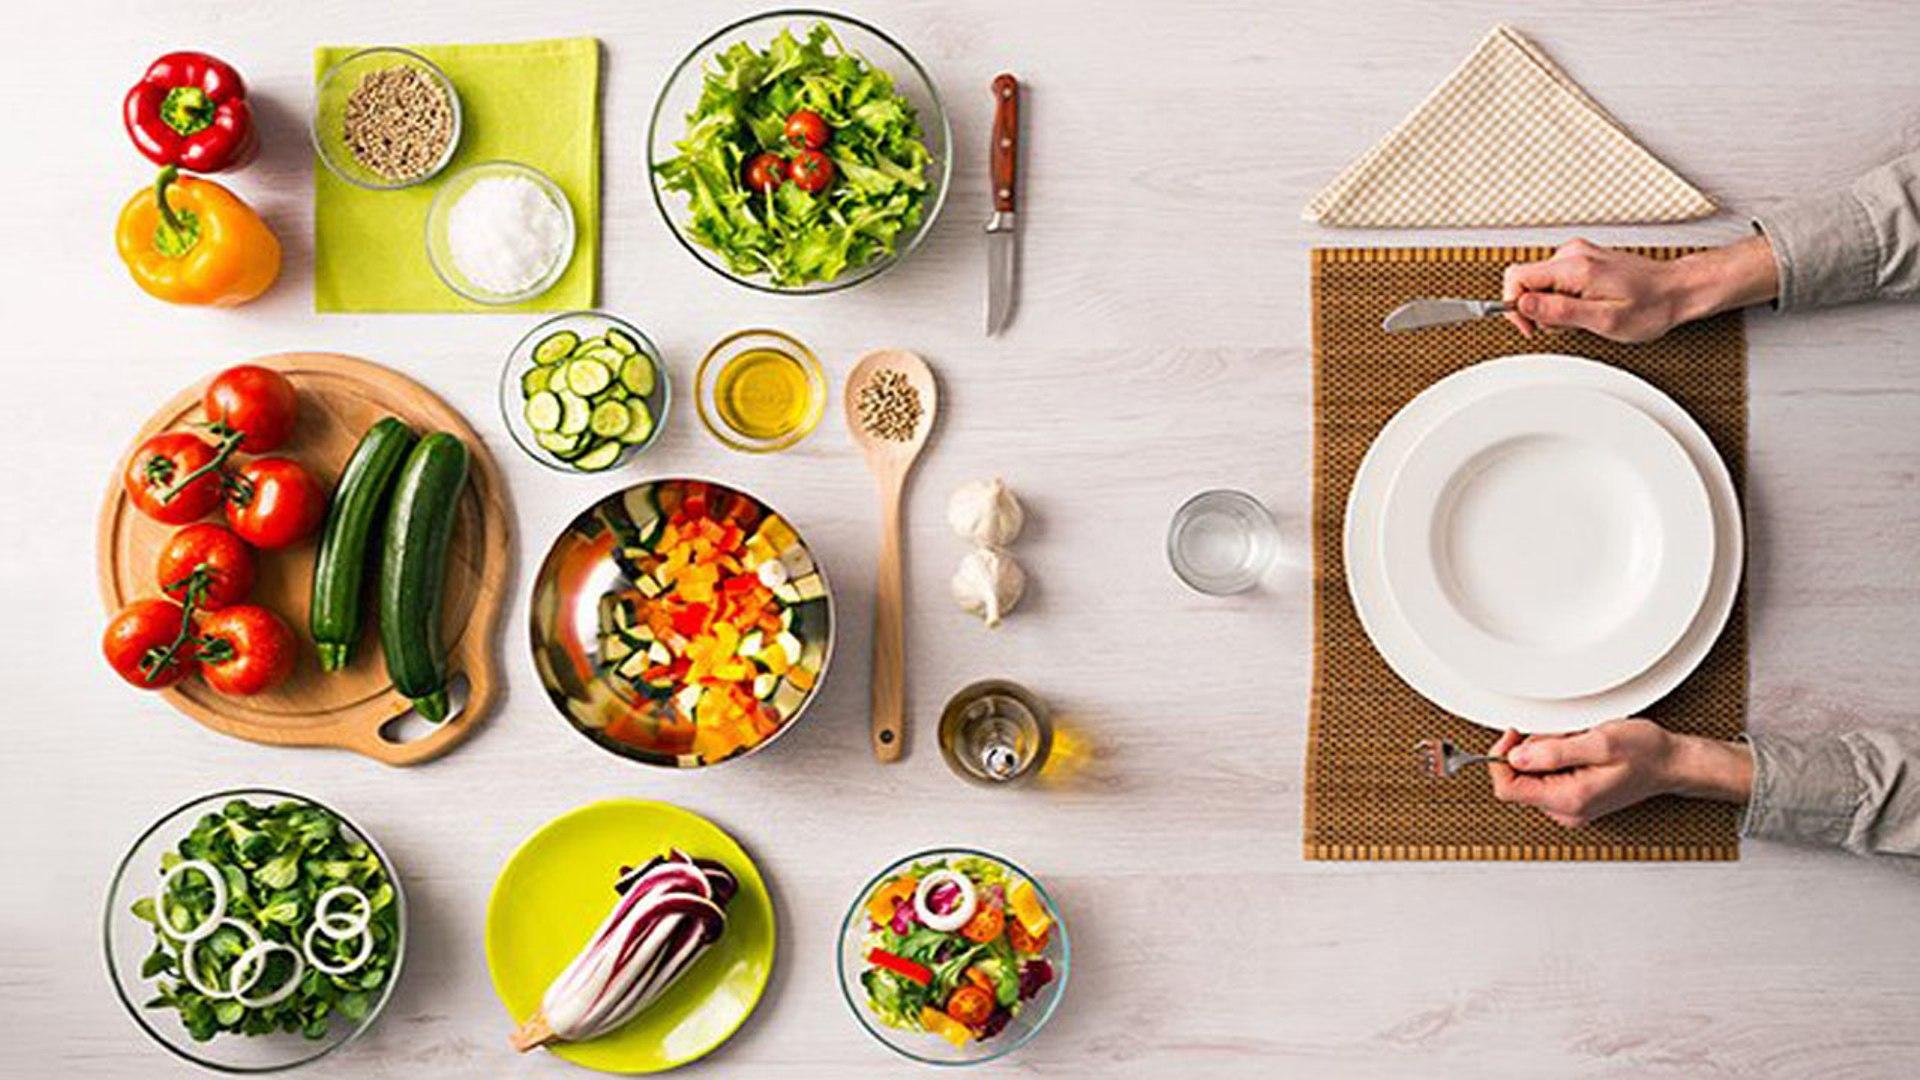 Danh sách những loại thực phẩm bạn nên ăn nếu muốn có vẻ ngoài trẻ trung và rạng rỡ hơn